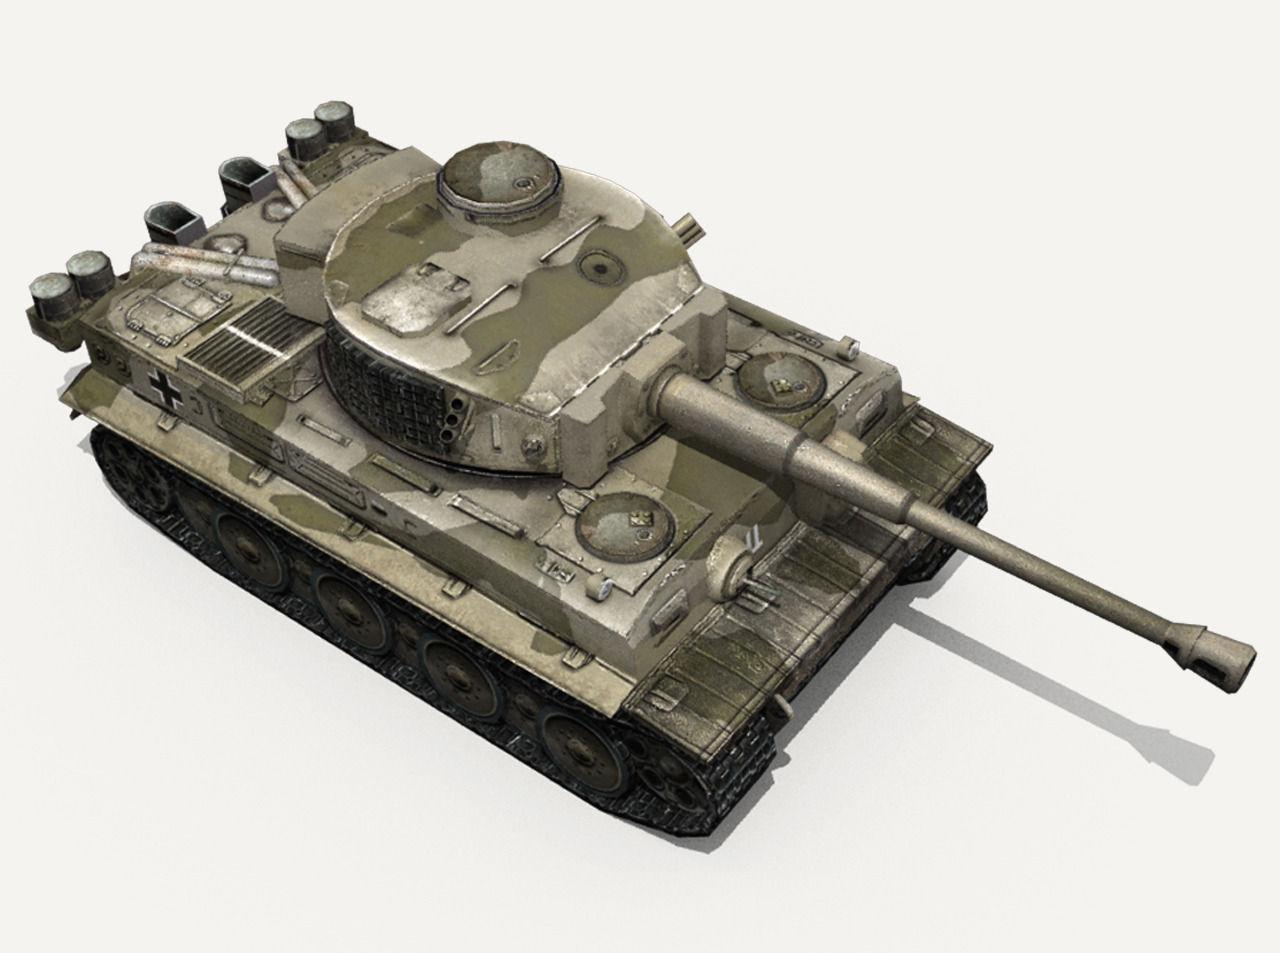 Germany Tank Panzer Iv 3d Model – Migliori Pagine da Colorare